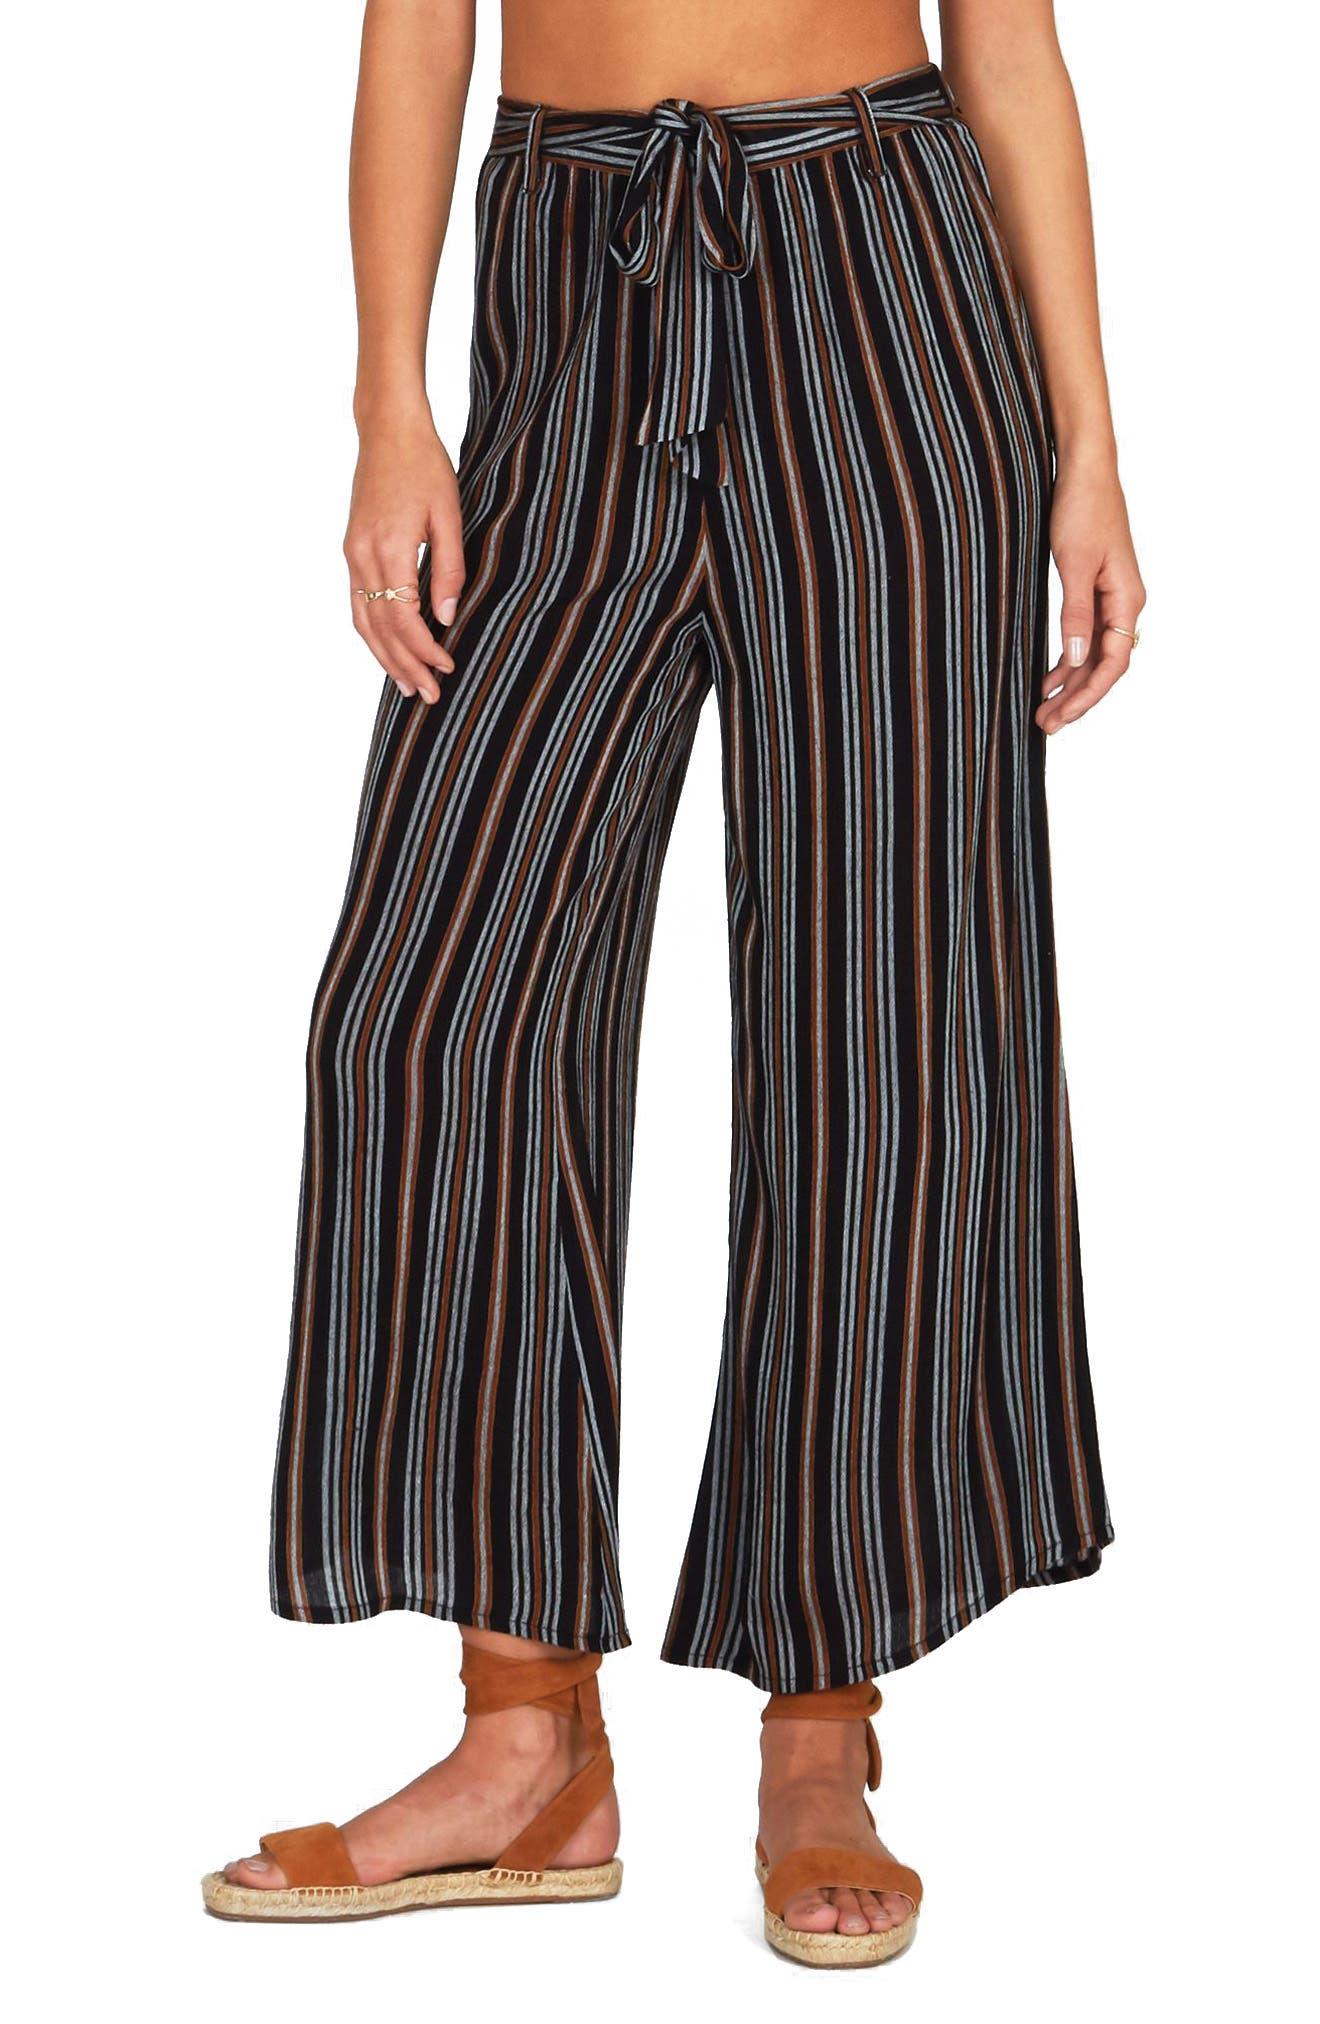 Even Tides Stripe Pants,                         Main,                         color, Black